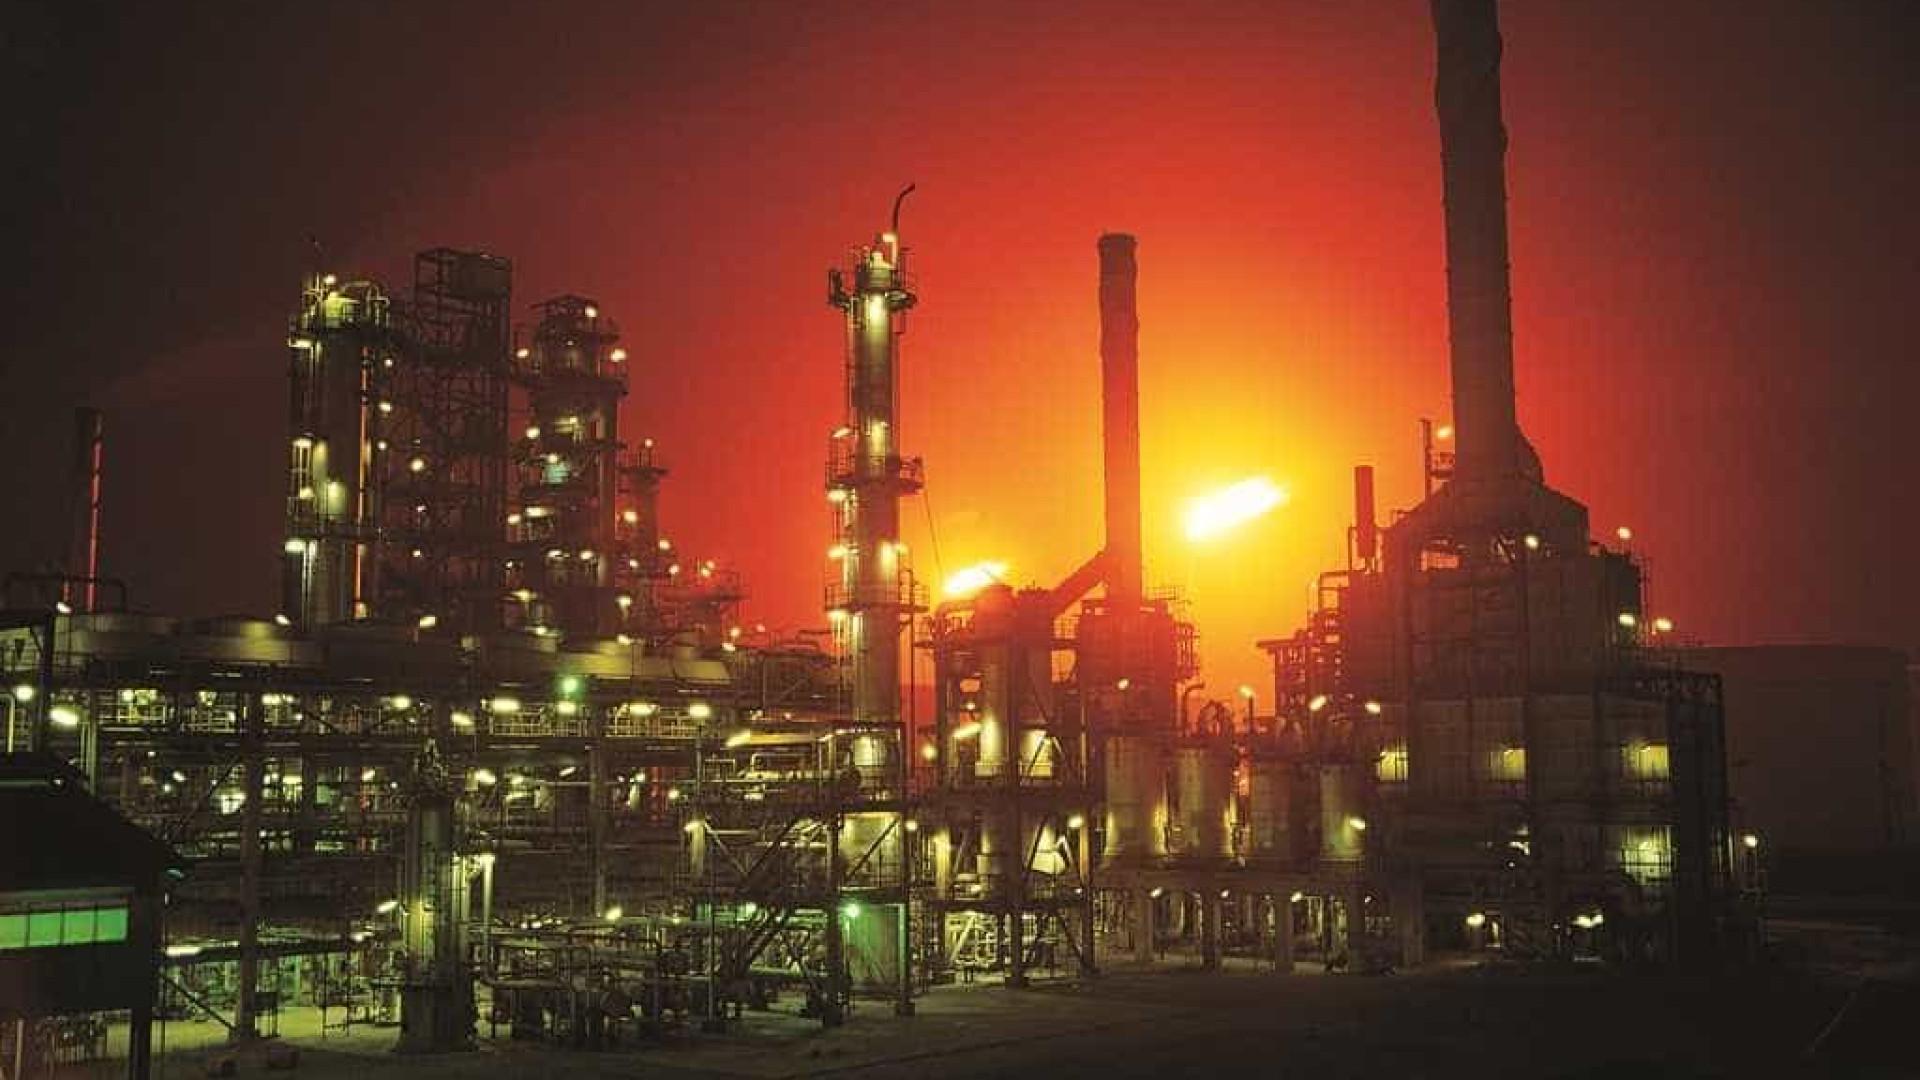 Tecnológica portuguesa colabora com japoneses em refinarias sauditas